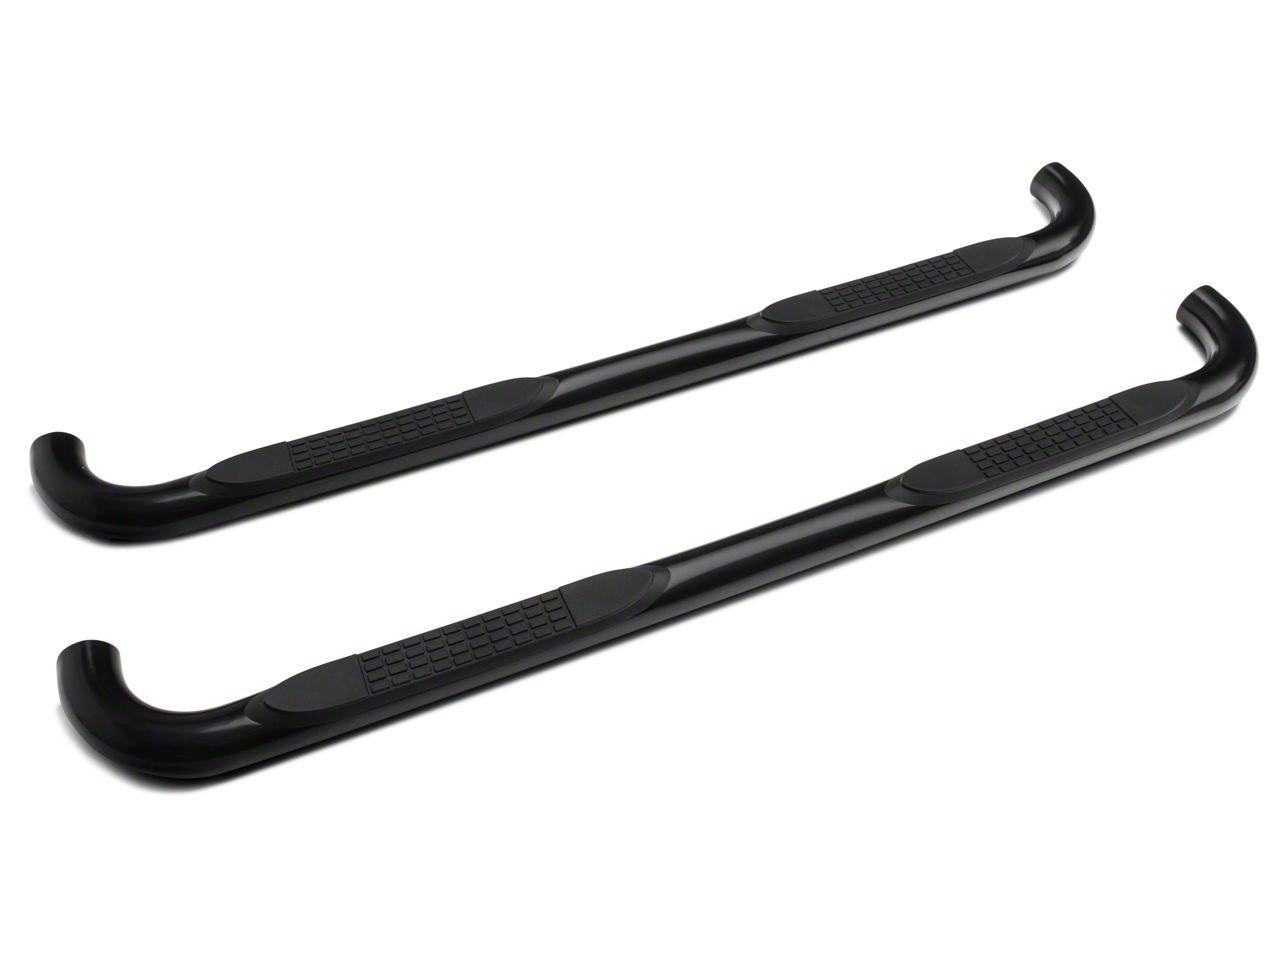 Duratrek 3 in. Side Step Bars - Black (2019 RAM 1500 Quad Cab)